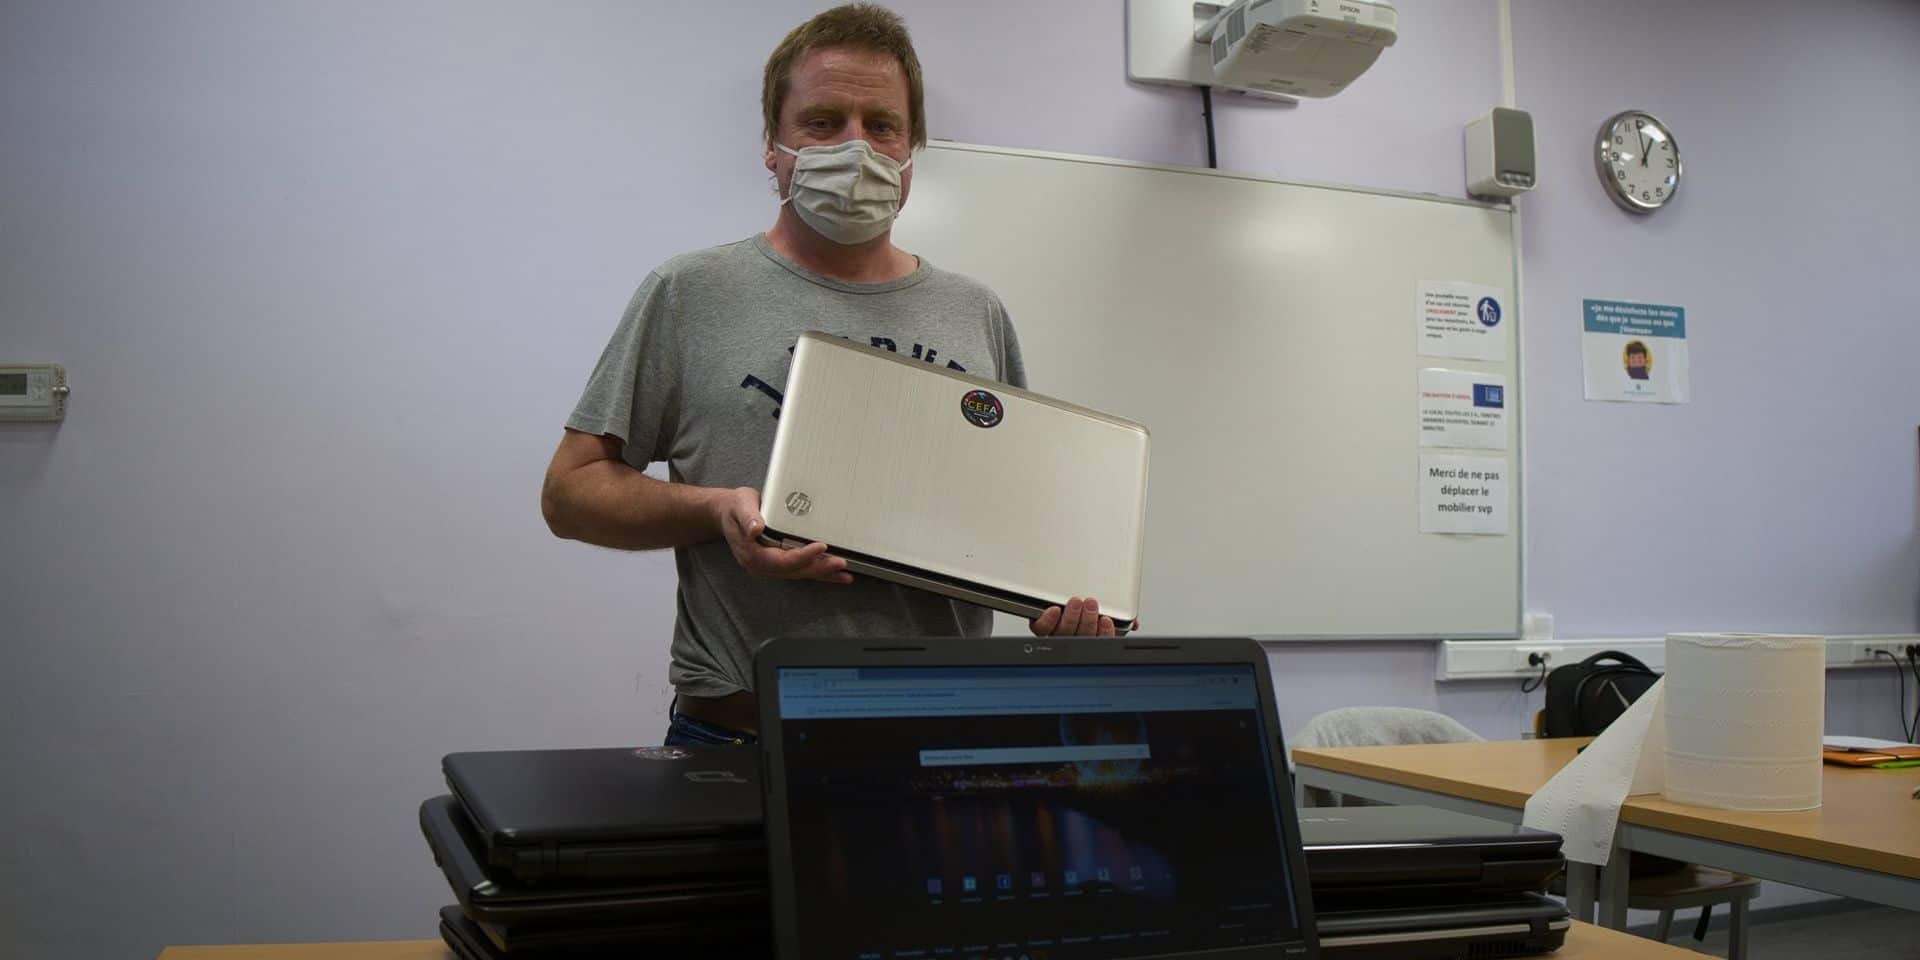 Élan de solidarité à Braine-le-Comte: 30 ordinateurs reconditionnés par un professeur pour ses élèves